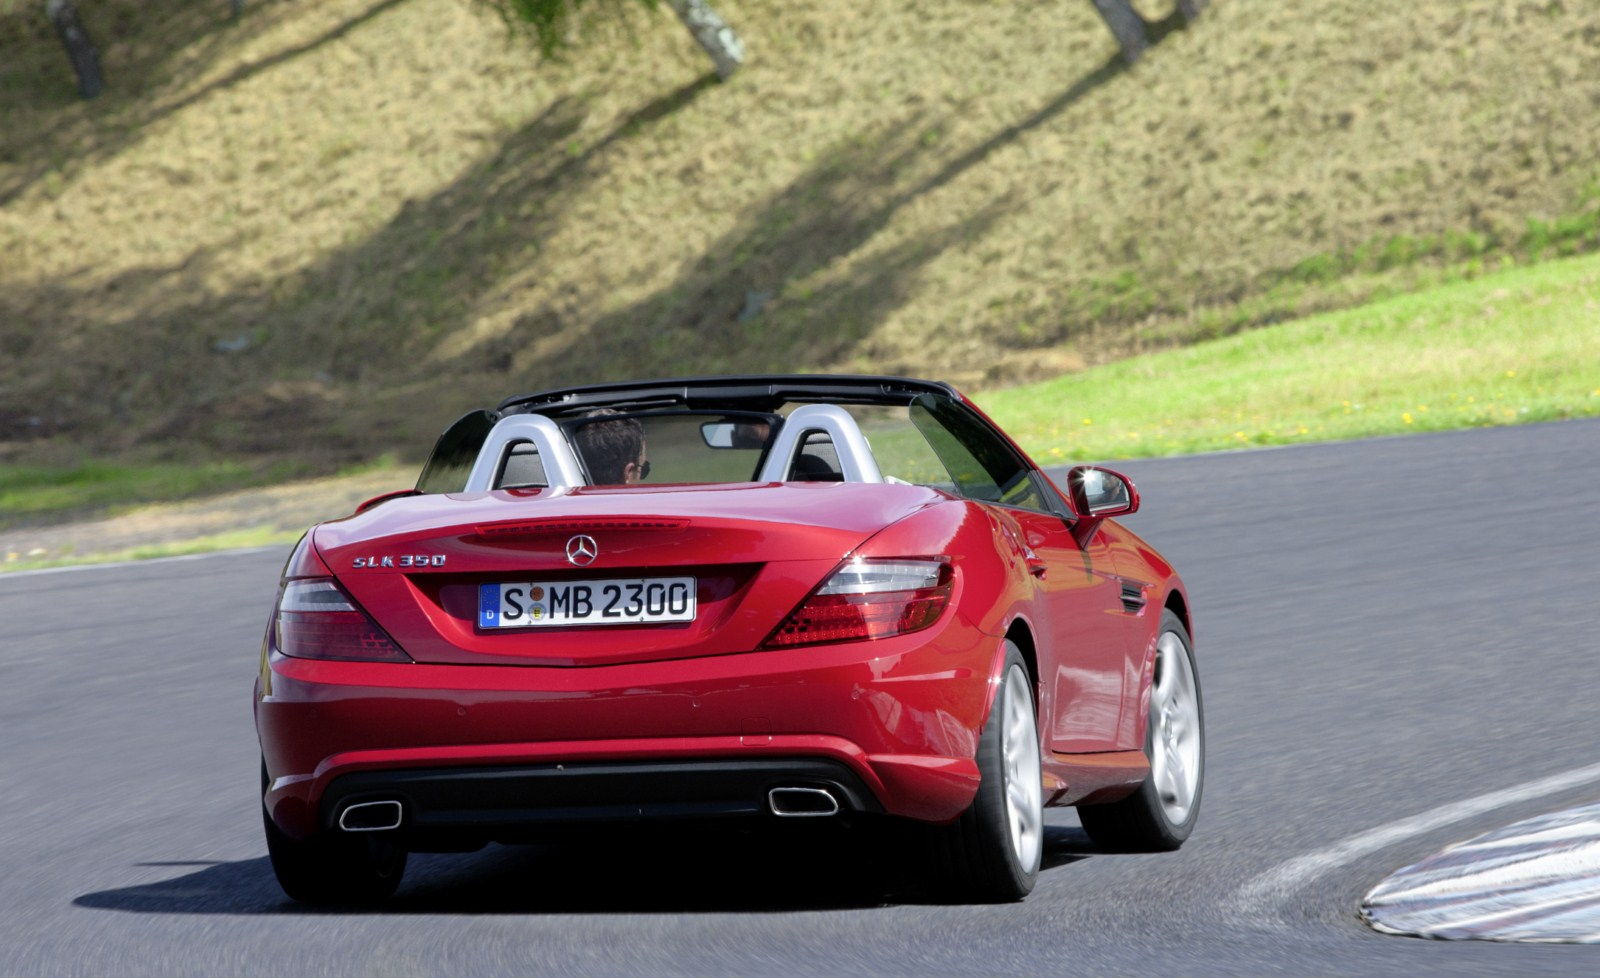 Offizielle Bilder Amp Infos Zum Neuen Mercedes Slk Roadster